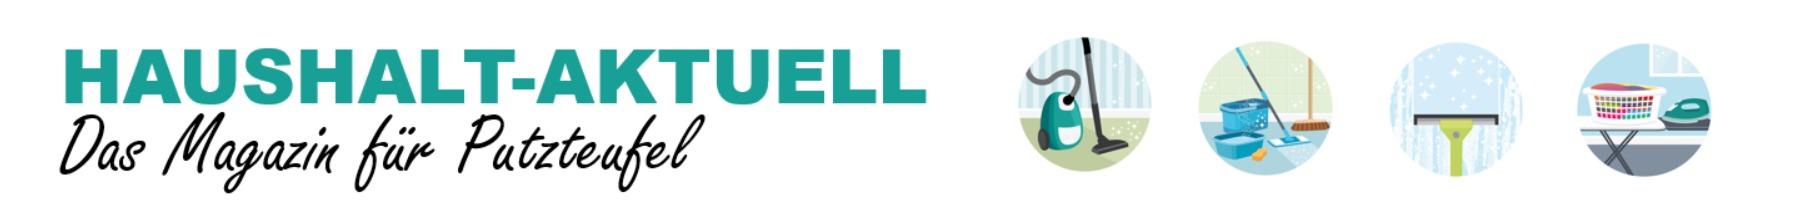 haushalt-aktuell.com